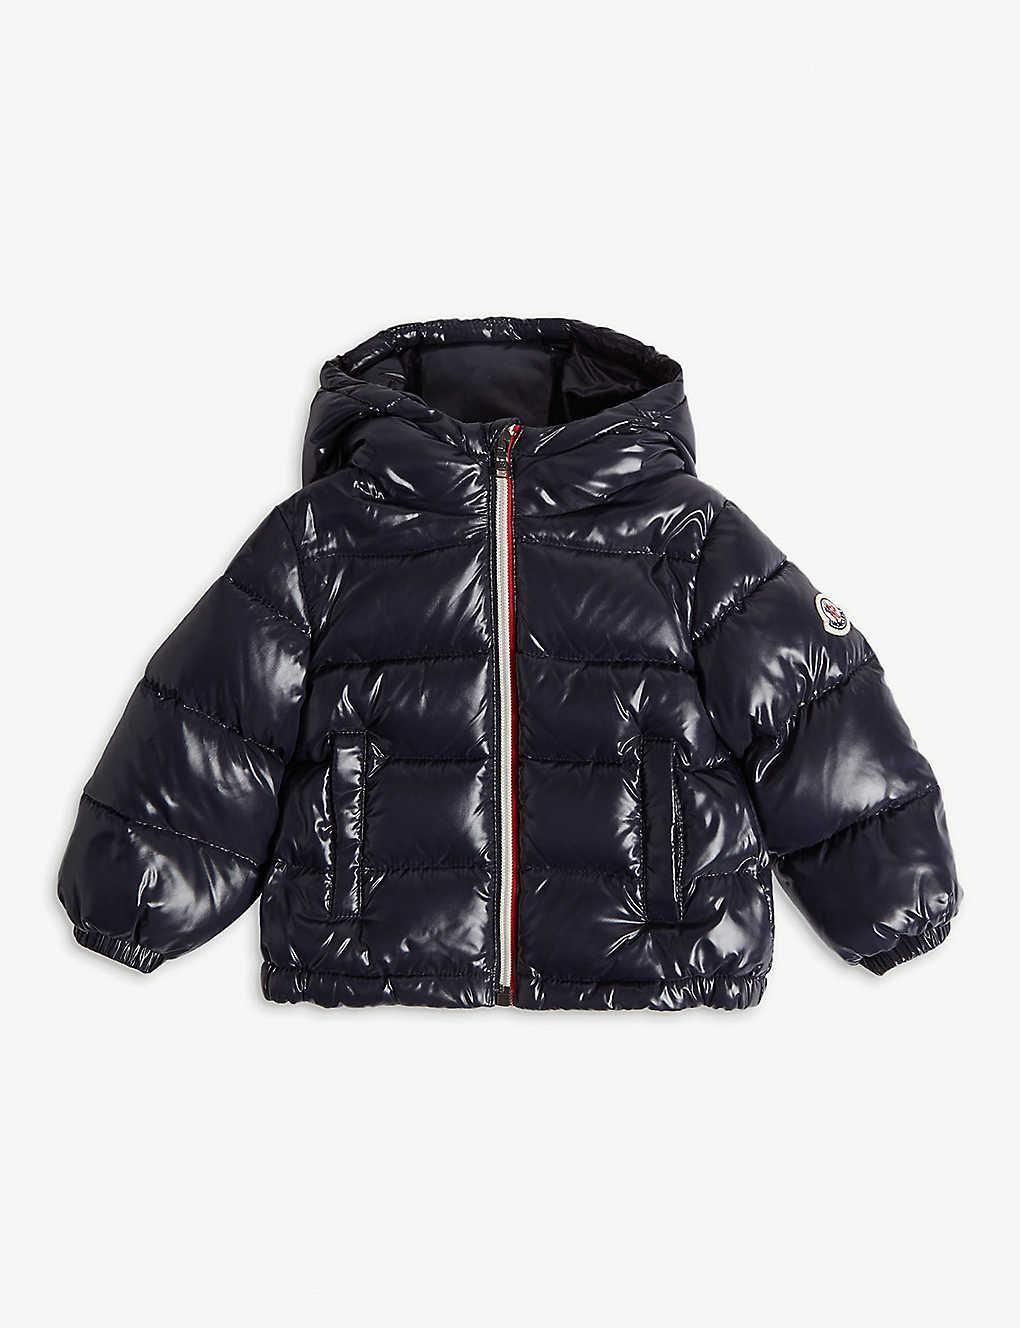 292930742c1 MONCLER - New Aubert zipped puffer jacket 6-36 months | Selfridges.com